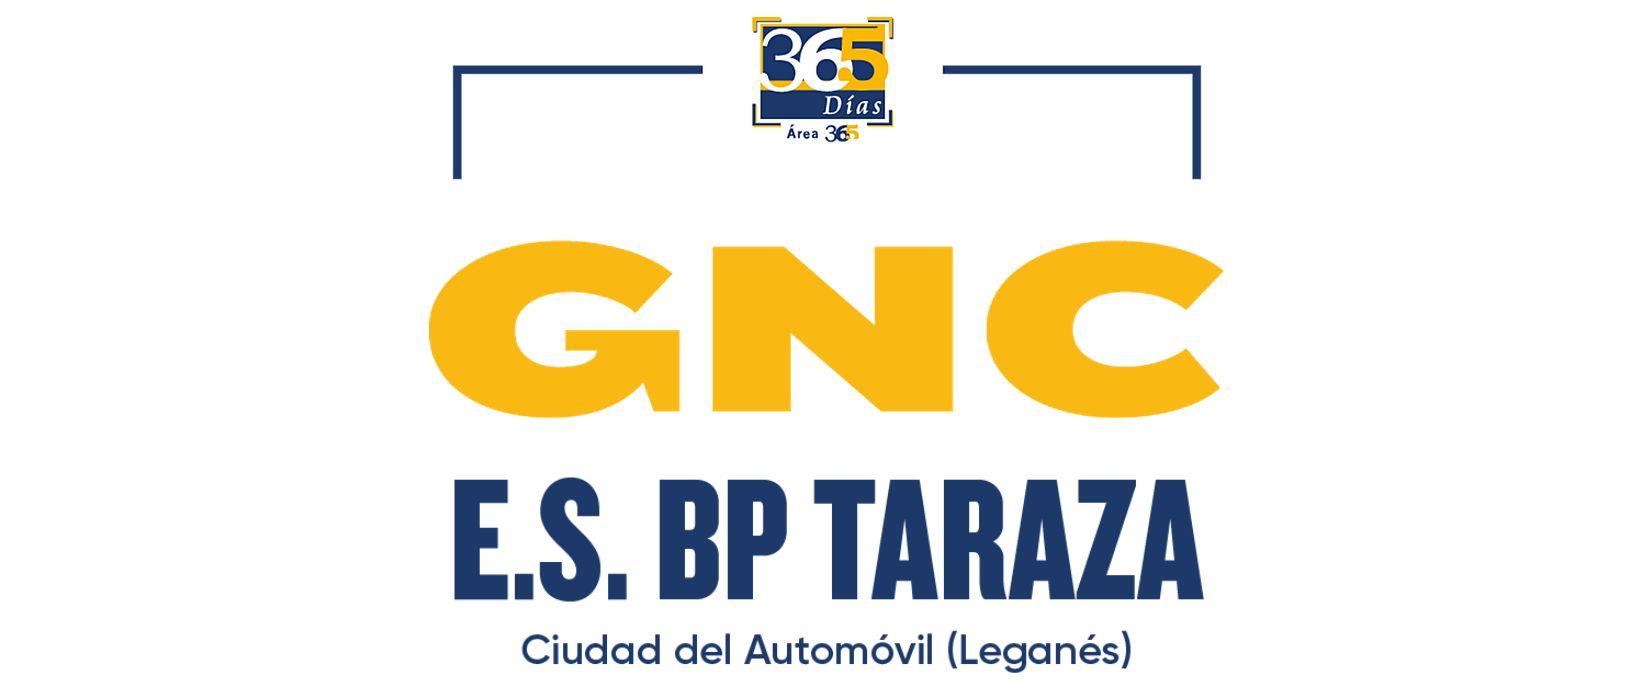 La ES BP Taraza inaugura un nuevo punto de recarga de GNC en Ciudad del Automóvil de Leganés